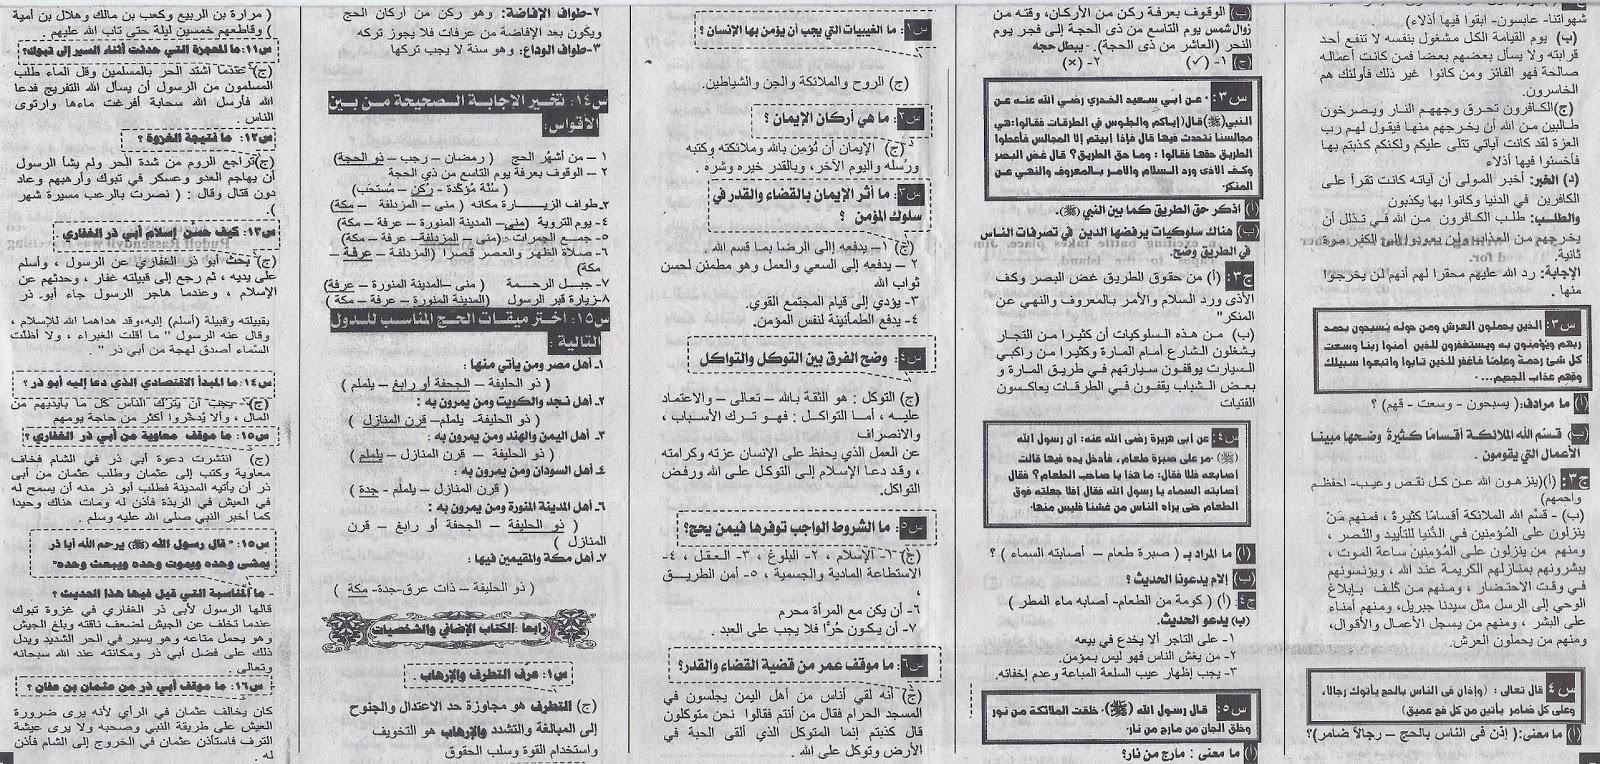 الاسئلة المتوقعة فى التربية الدينية للصف الثالث الاعدادى الترم الثانى المنهاج المصري scan0010.jpg